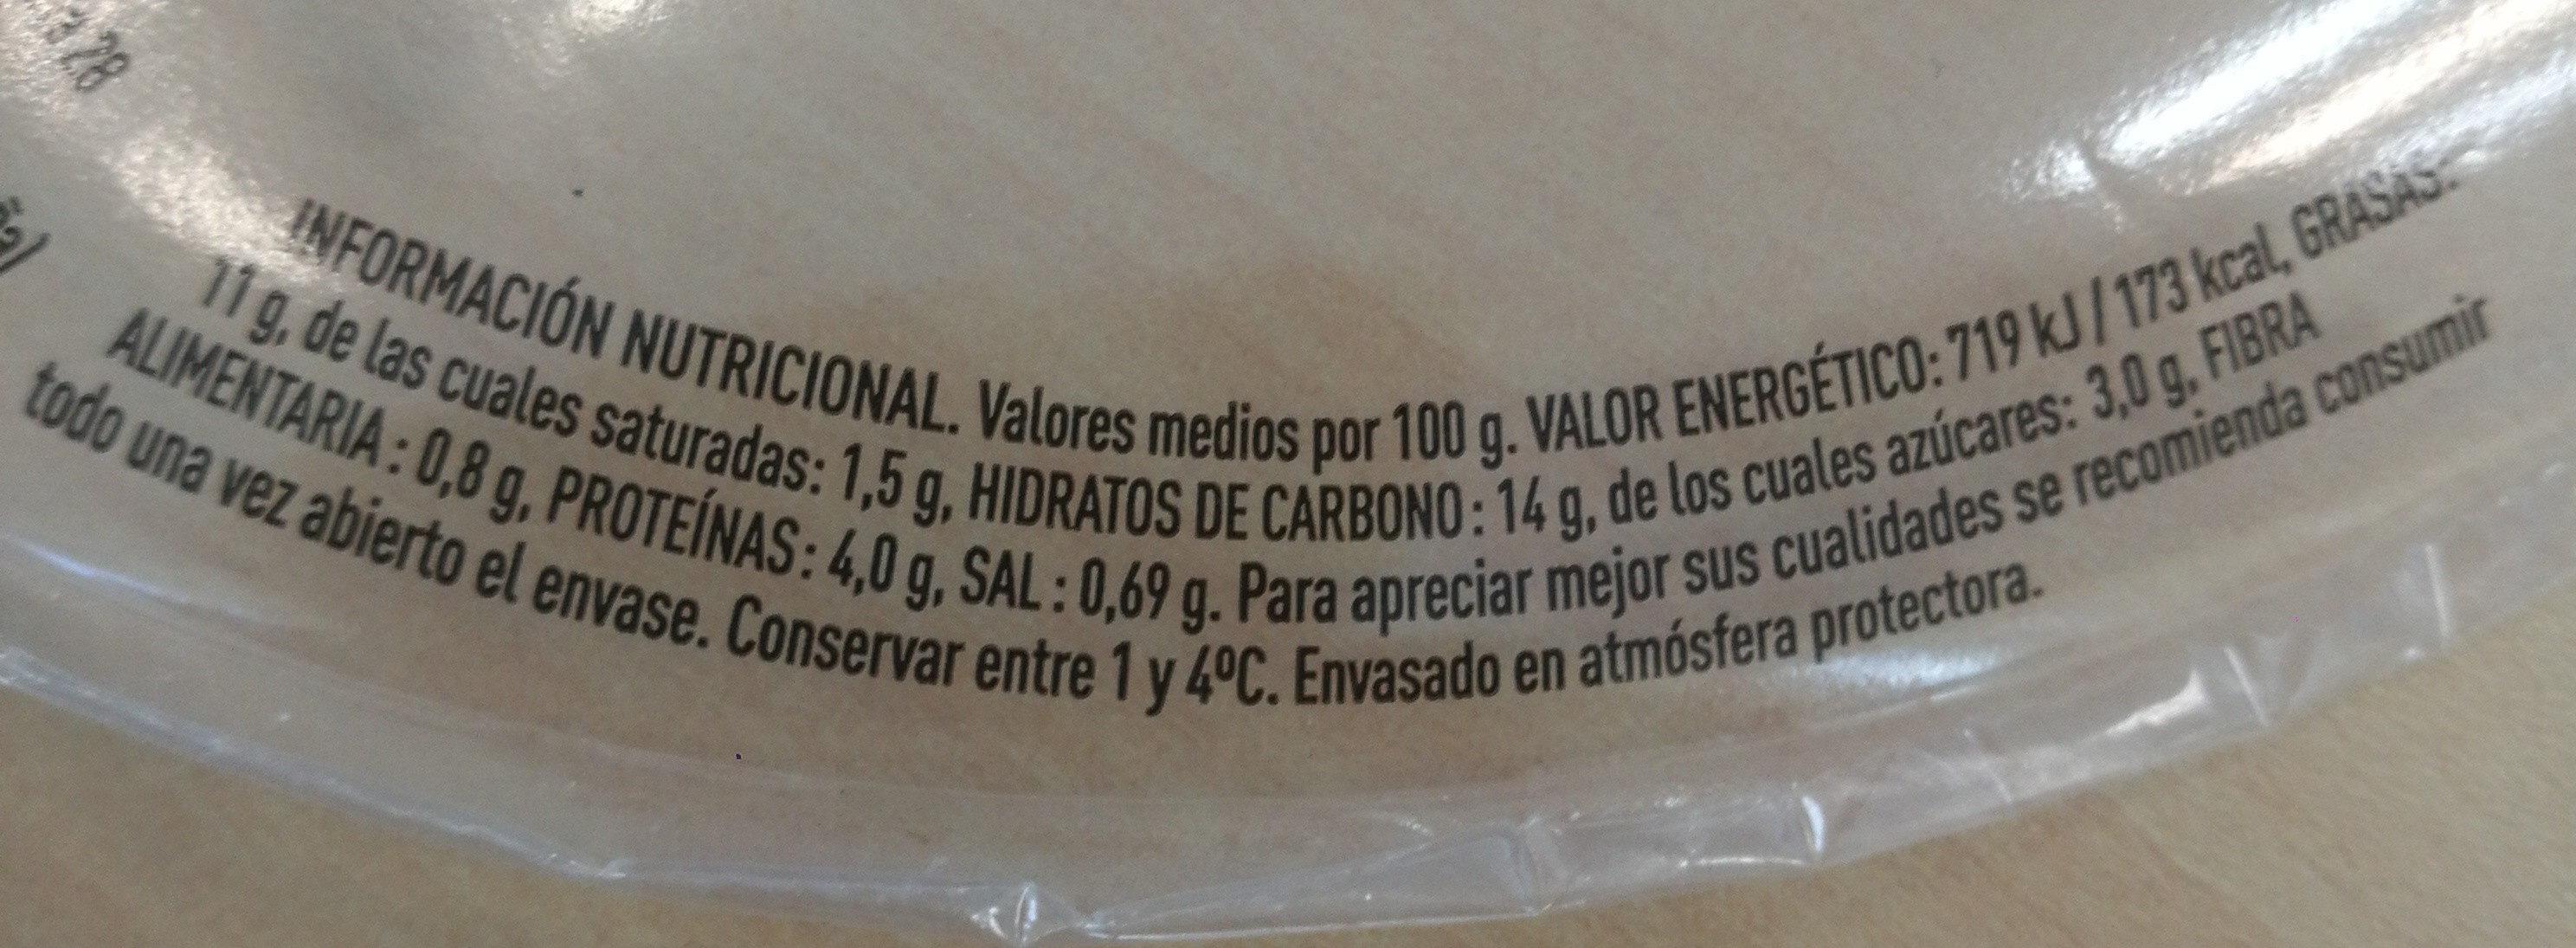 Ensalada completa de pasta - Información nutricional